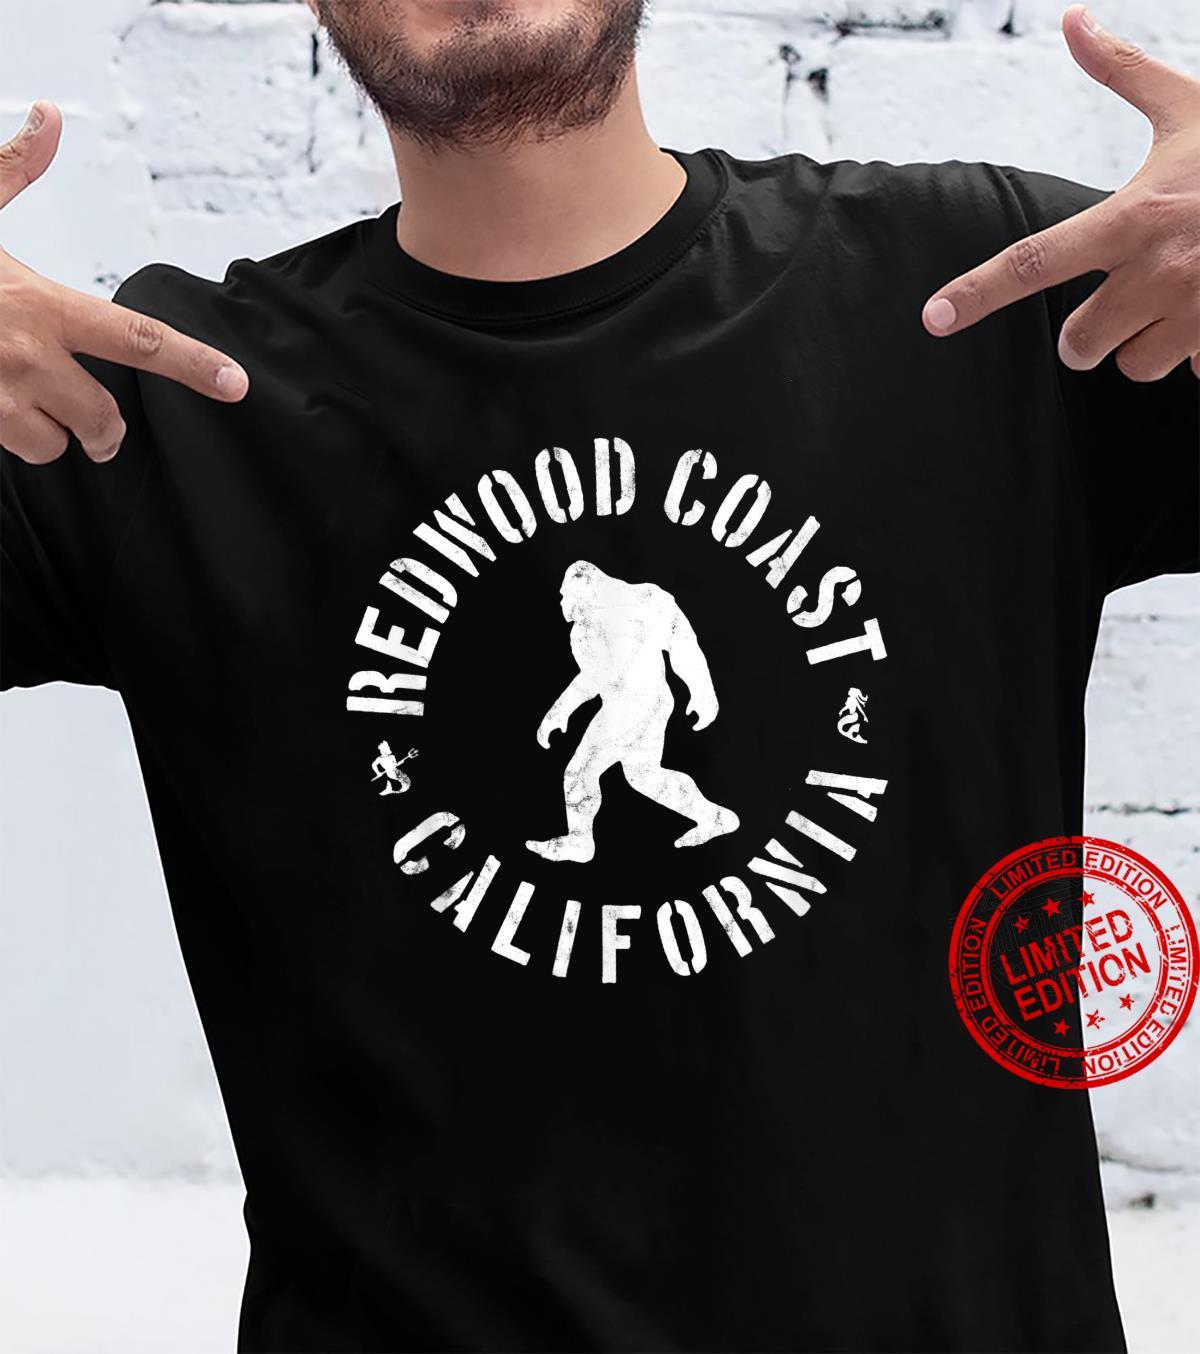 Redwood Coast California Sasquatch Bigfoot Camping Outdoors Shirt